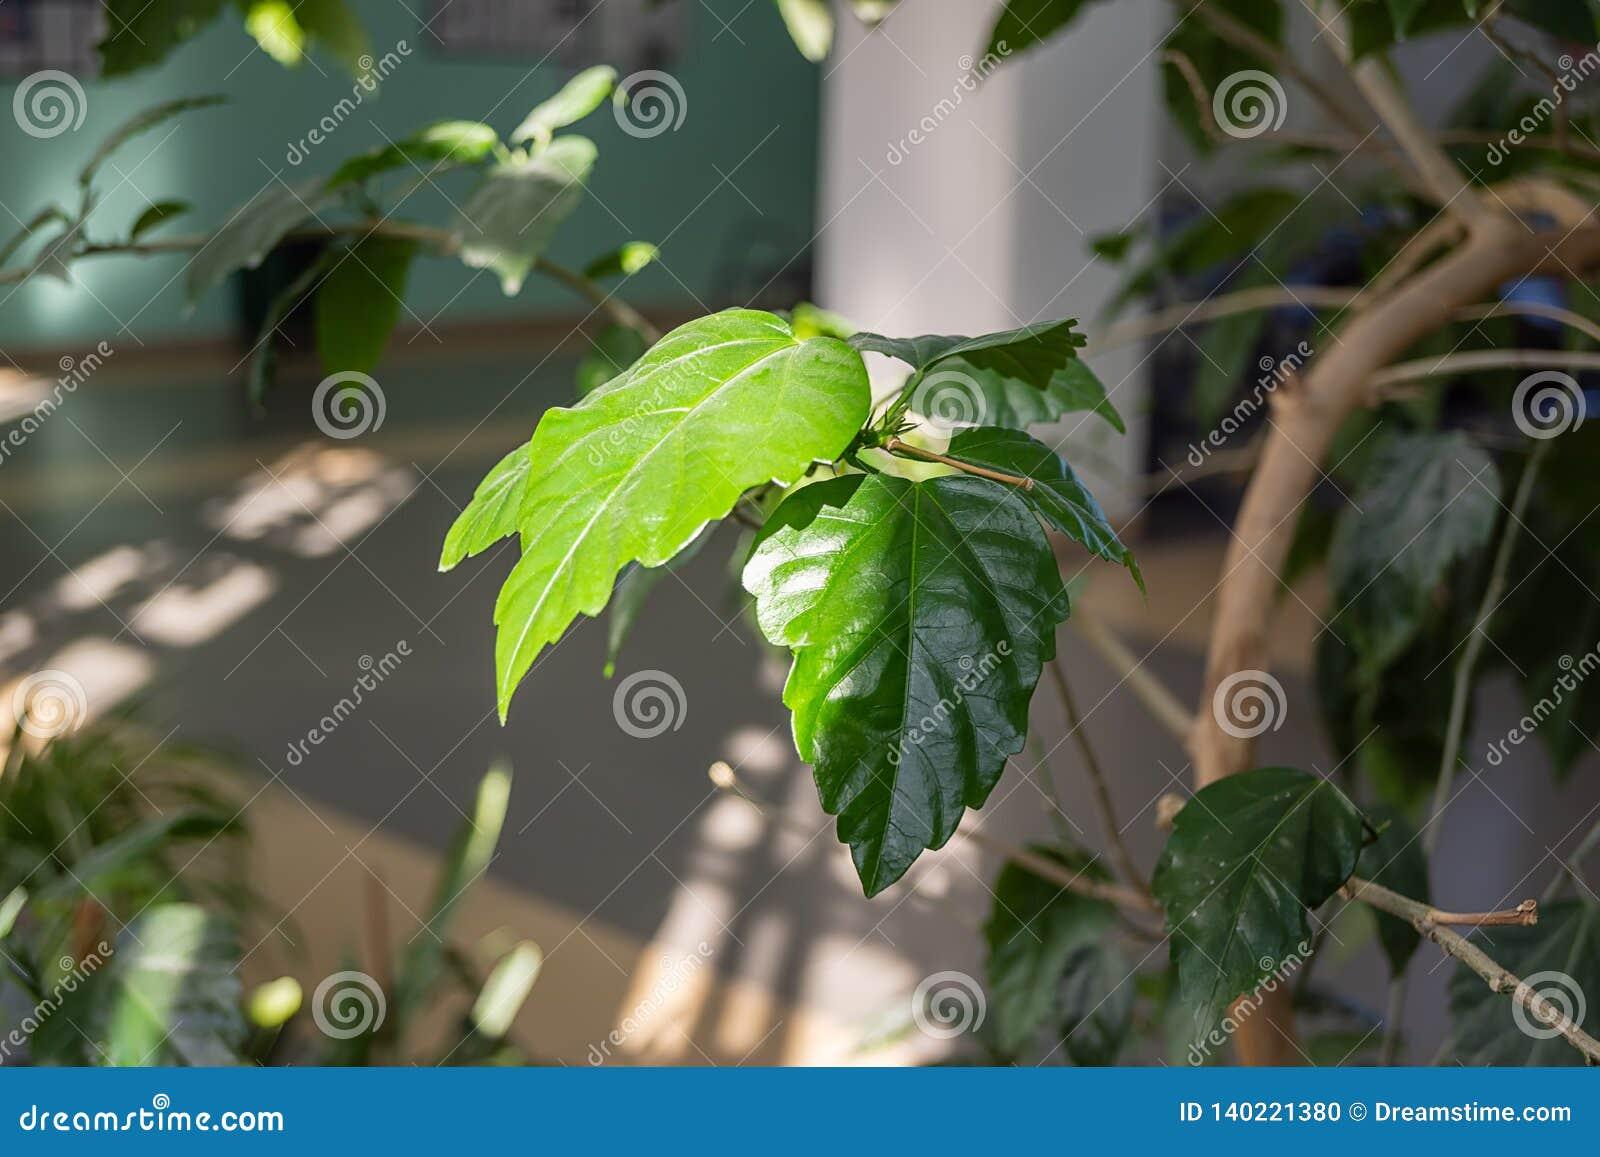 Листья зеленого цвета комнатного растения